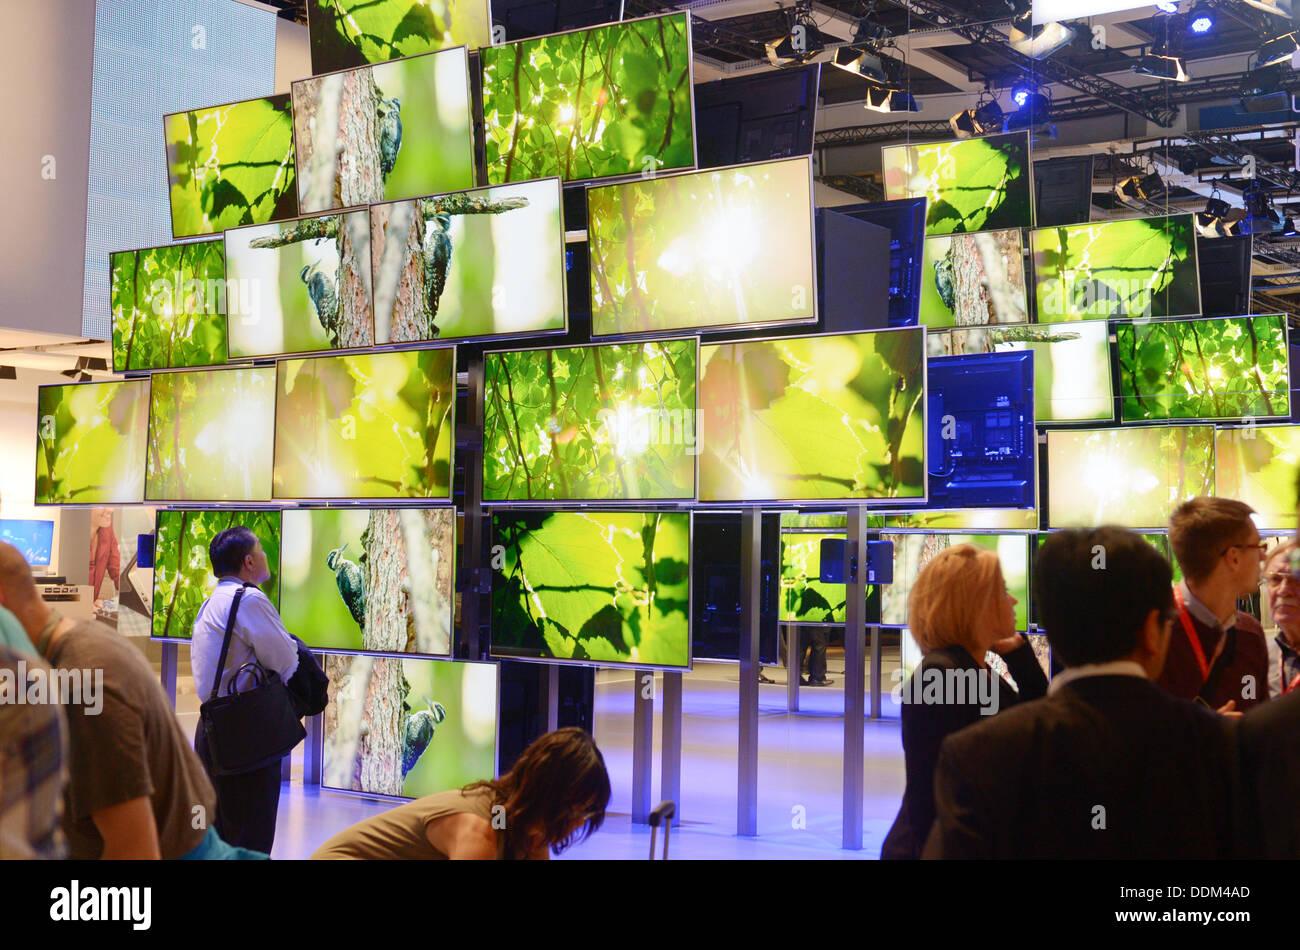 Berlin, Allemagne. 4e août, 2013. Les visiteurs sont devant un mur de téléviseurs 4K au stand de l'électronique Panasonic fabricant au cours de la journée des médias à l'exposition de la radio internationale (IFA) à Berlin, Allemagne, 4 septembre 2013. La technologie 4K pour les téléviseurs est considéré comme un successeur de la politique commune de format HD. L'IFA va avoir lieu du 6 septembre au 11 septembre 2013. Photo: Rainer Jensen/dpa/Alamy Live News Photo Stock